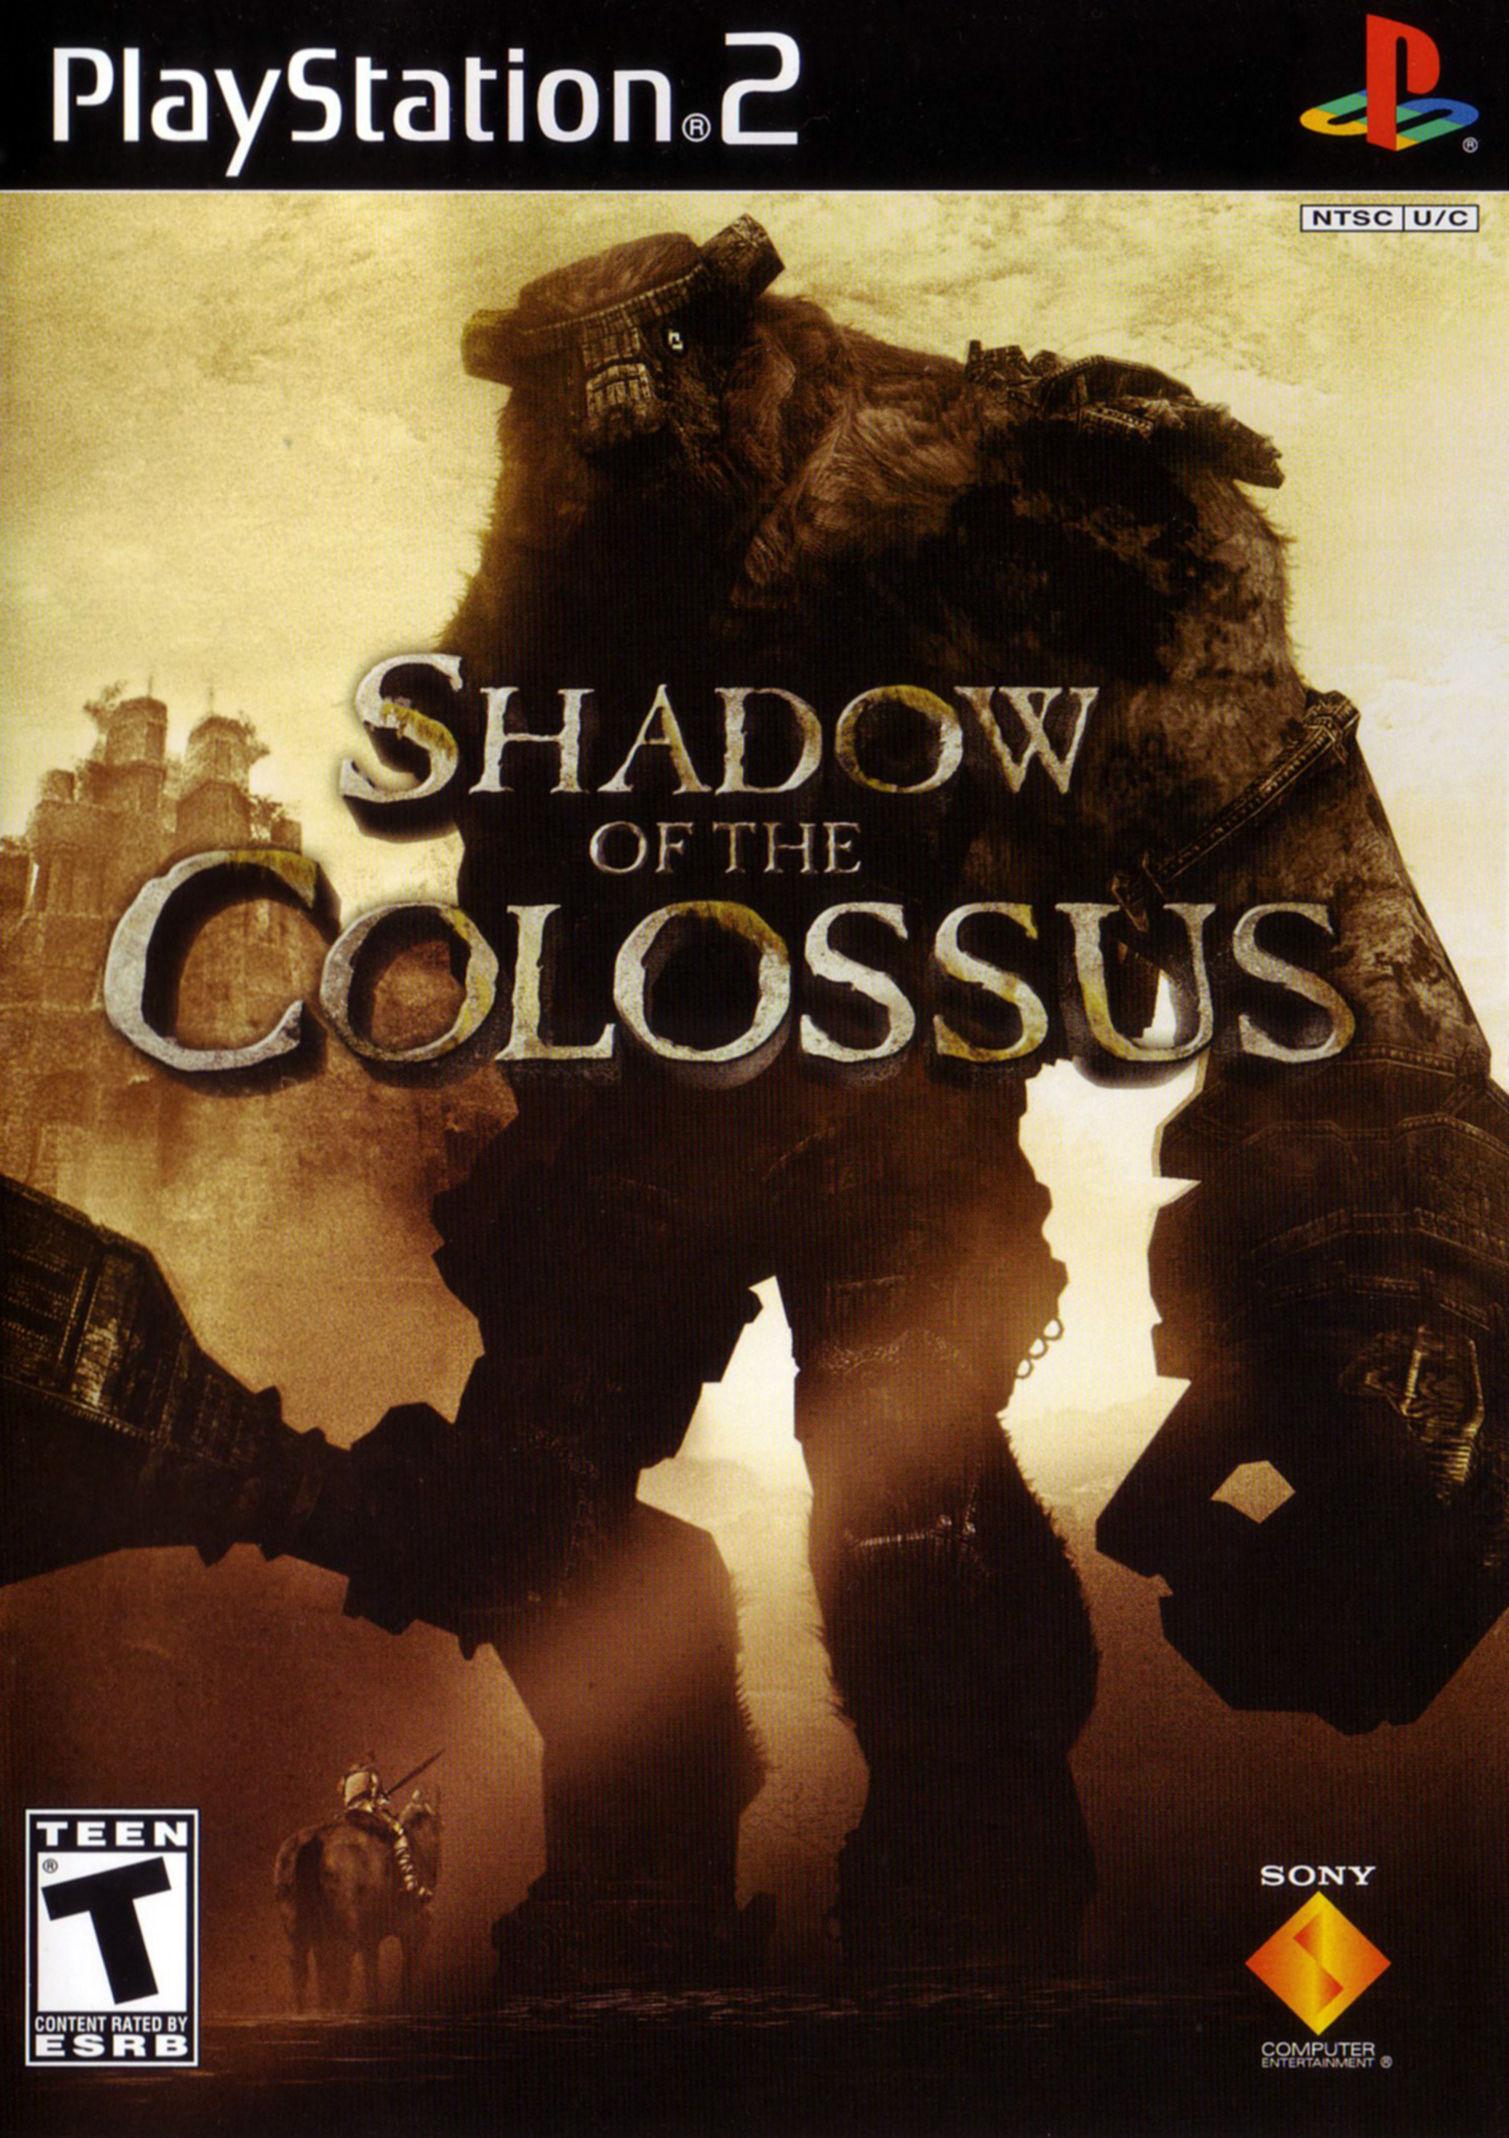 6161 - ¿Podrás reconocer a todos los colosos de Shadow of the Colossus?